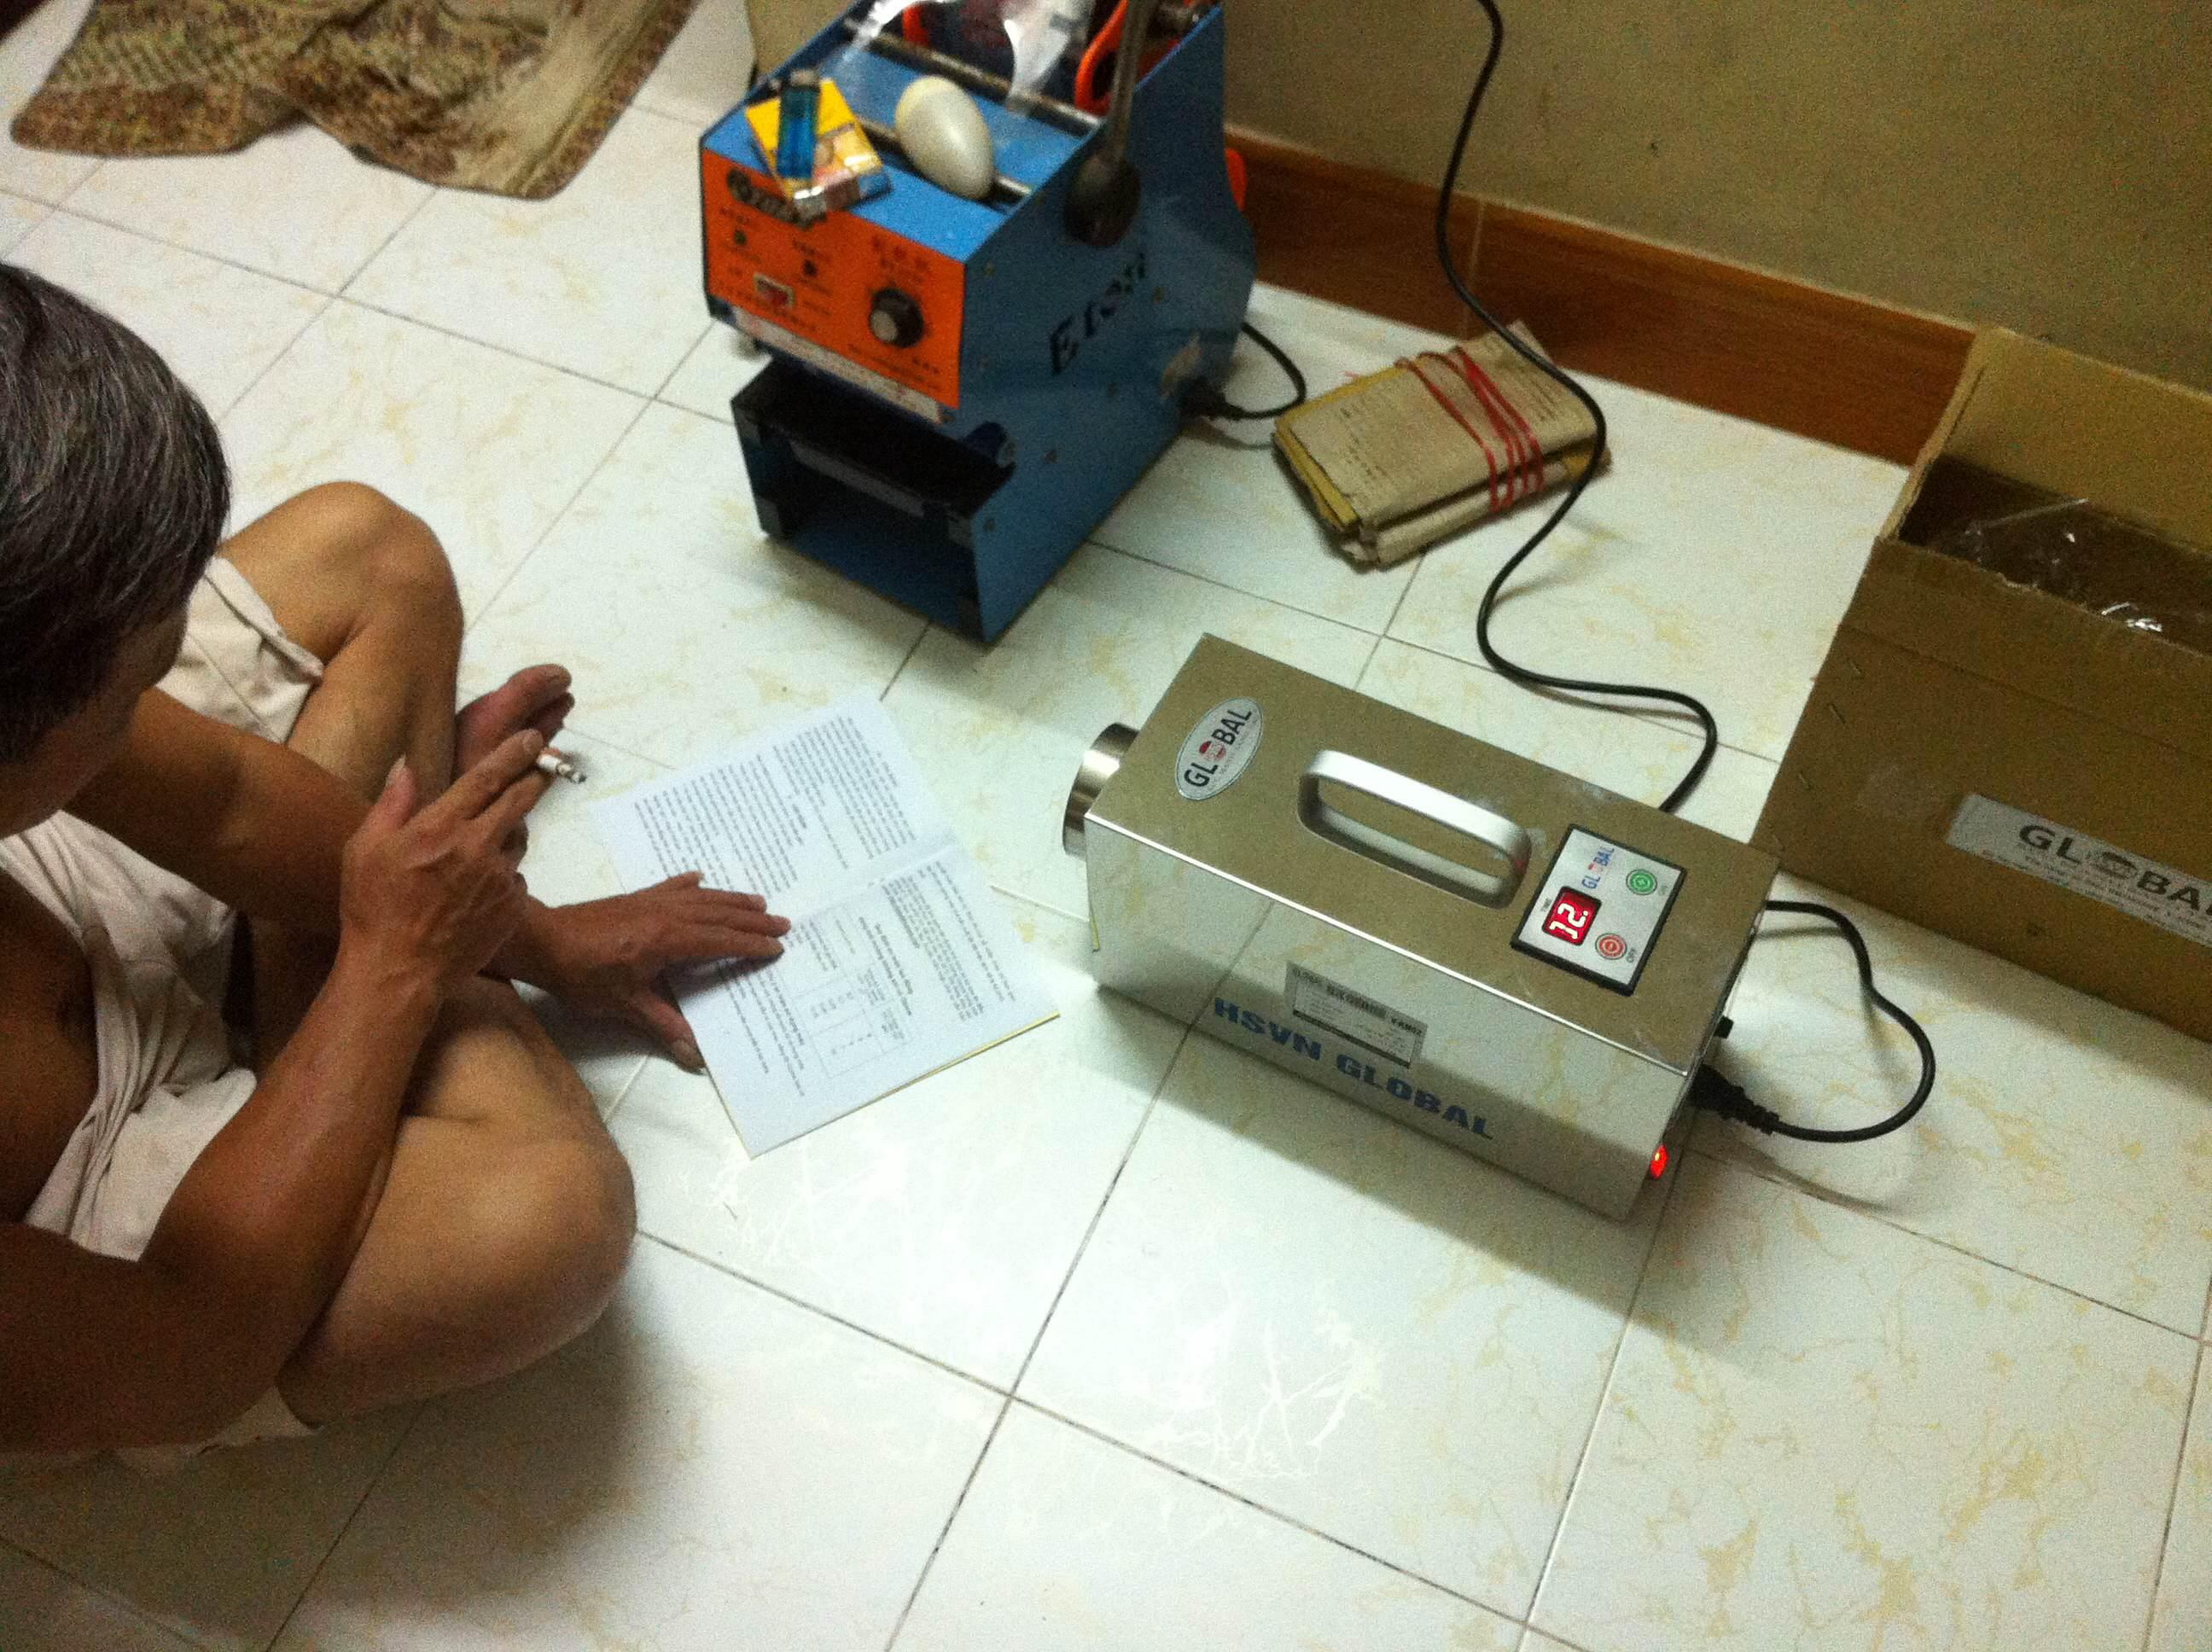 Lắp đặt máy khử mùi cho hộ gia đình sản xuất túi nilon